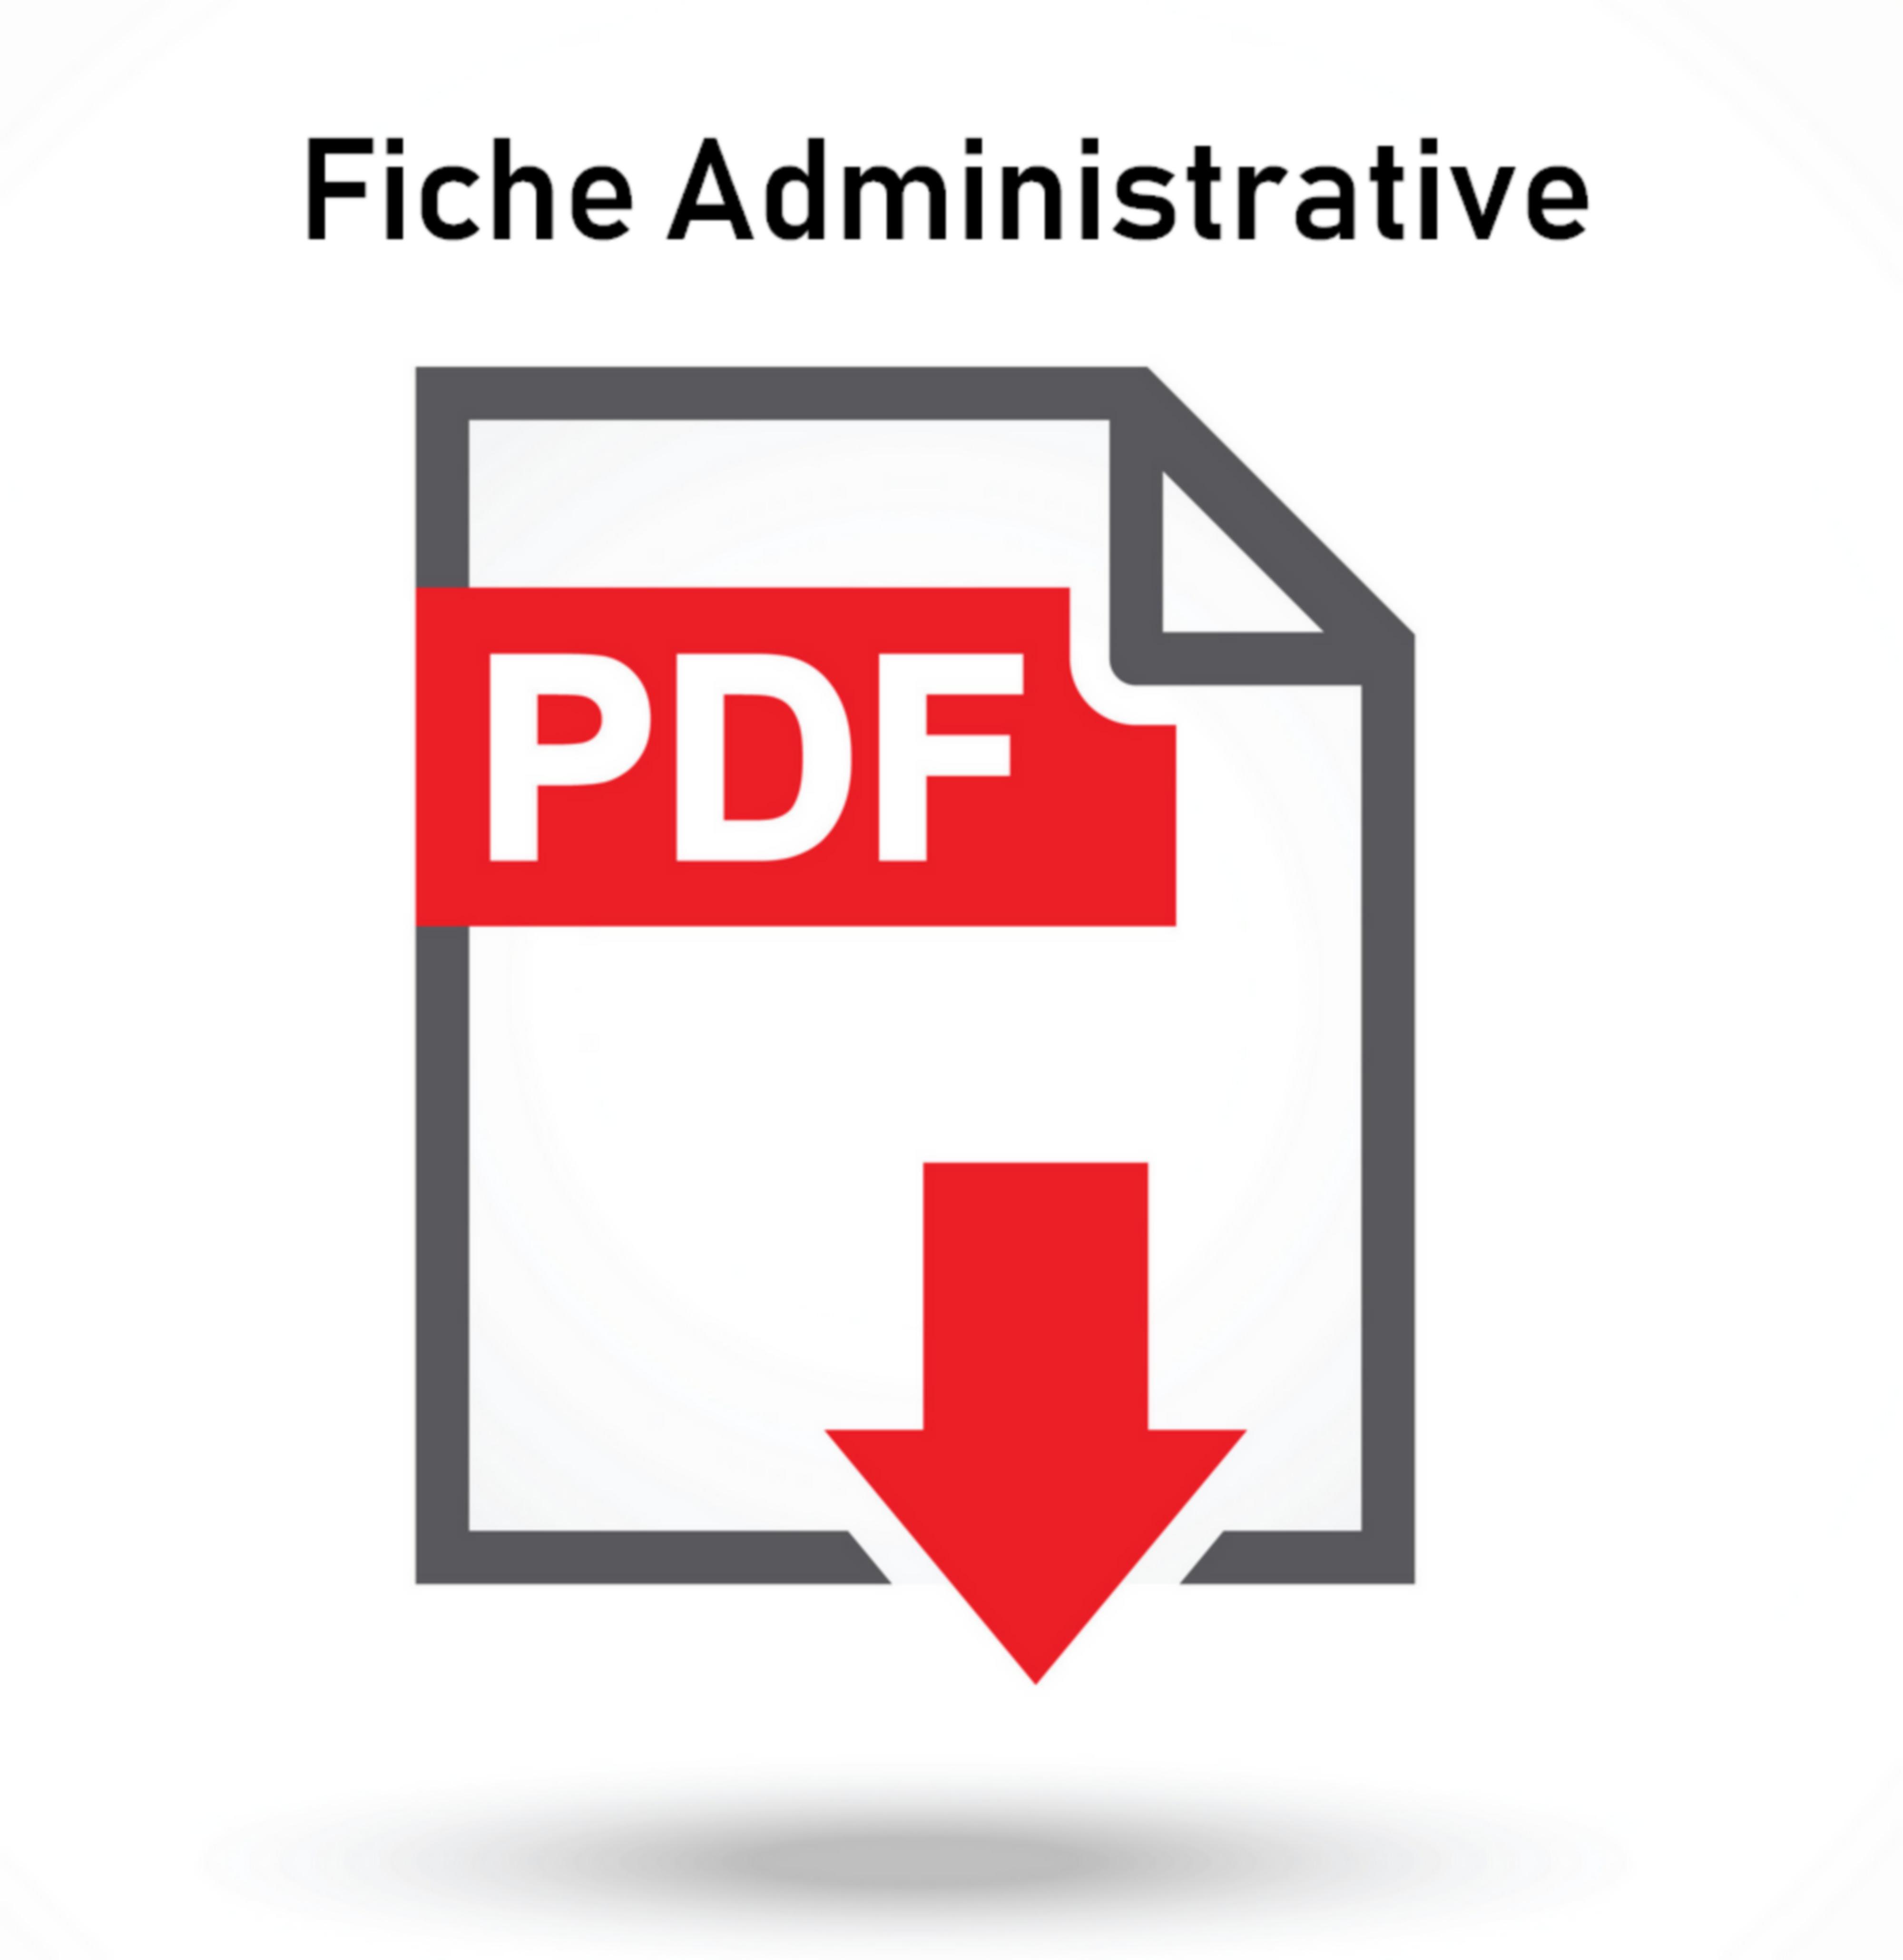 Fiche administrative